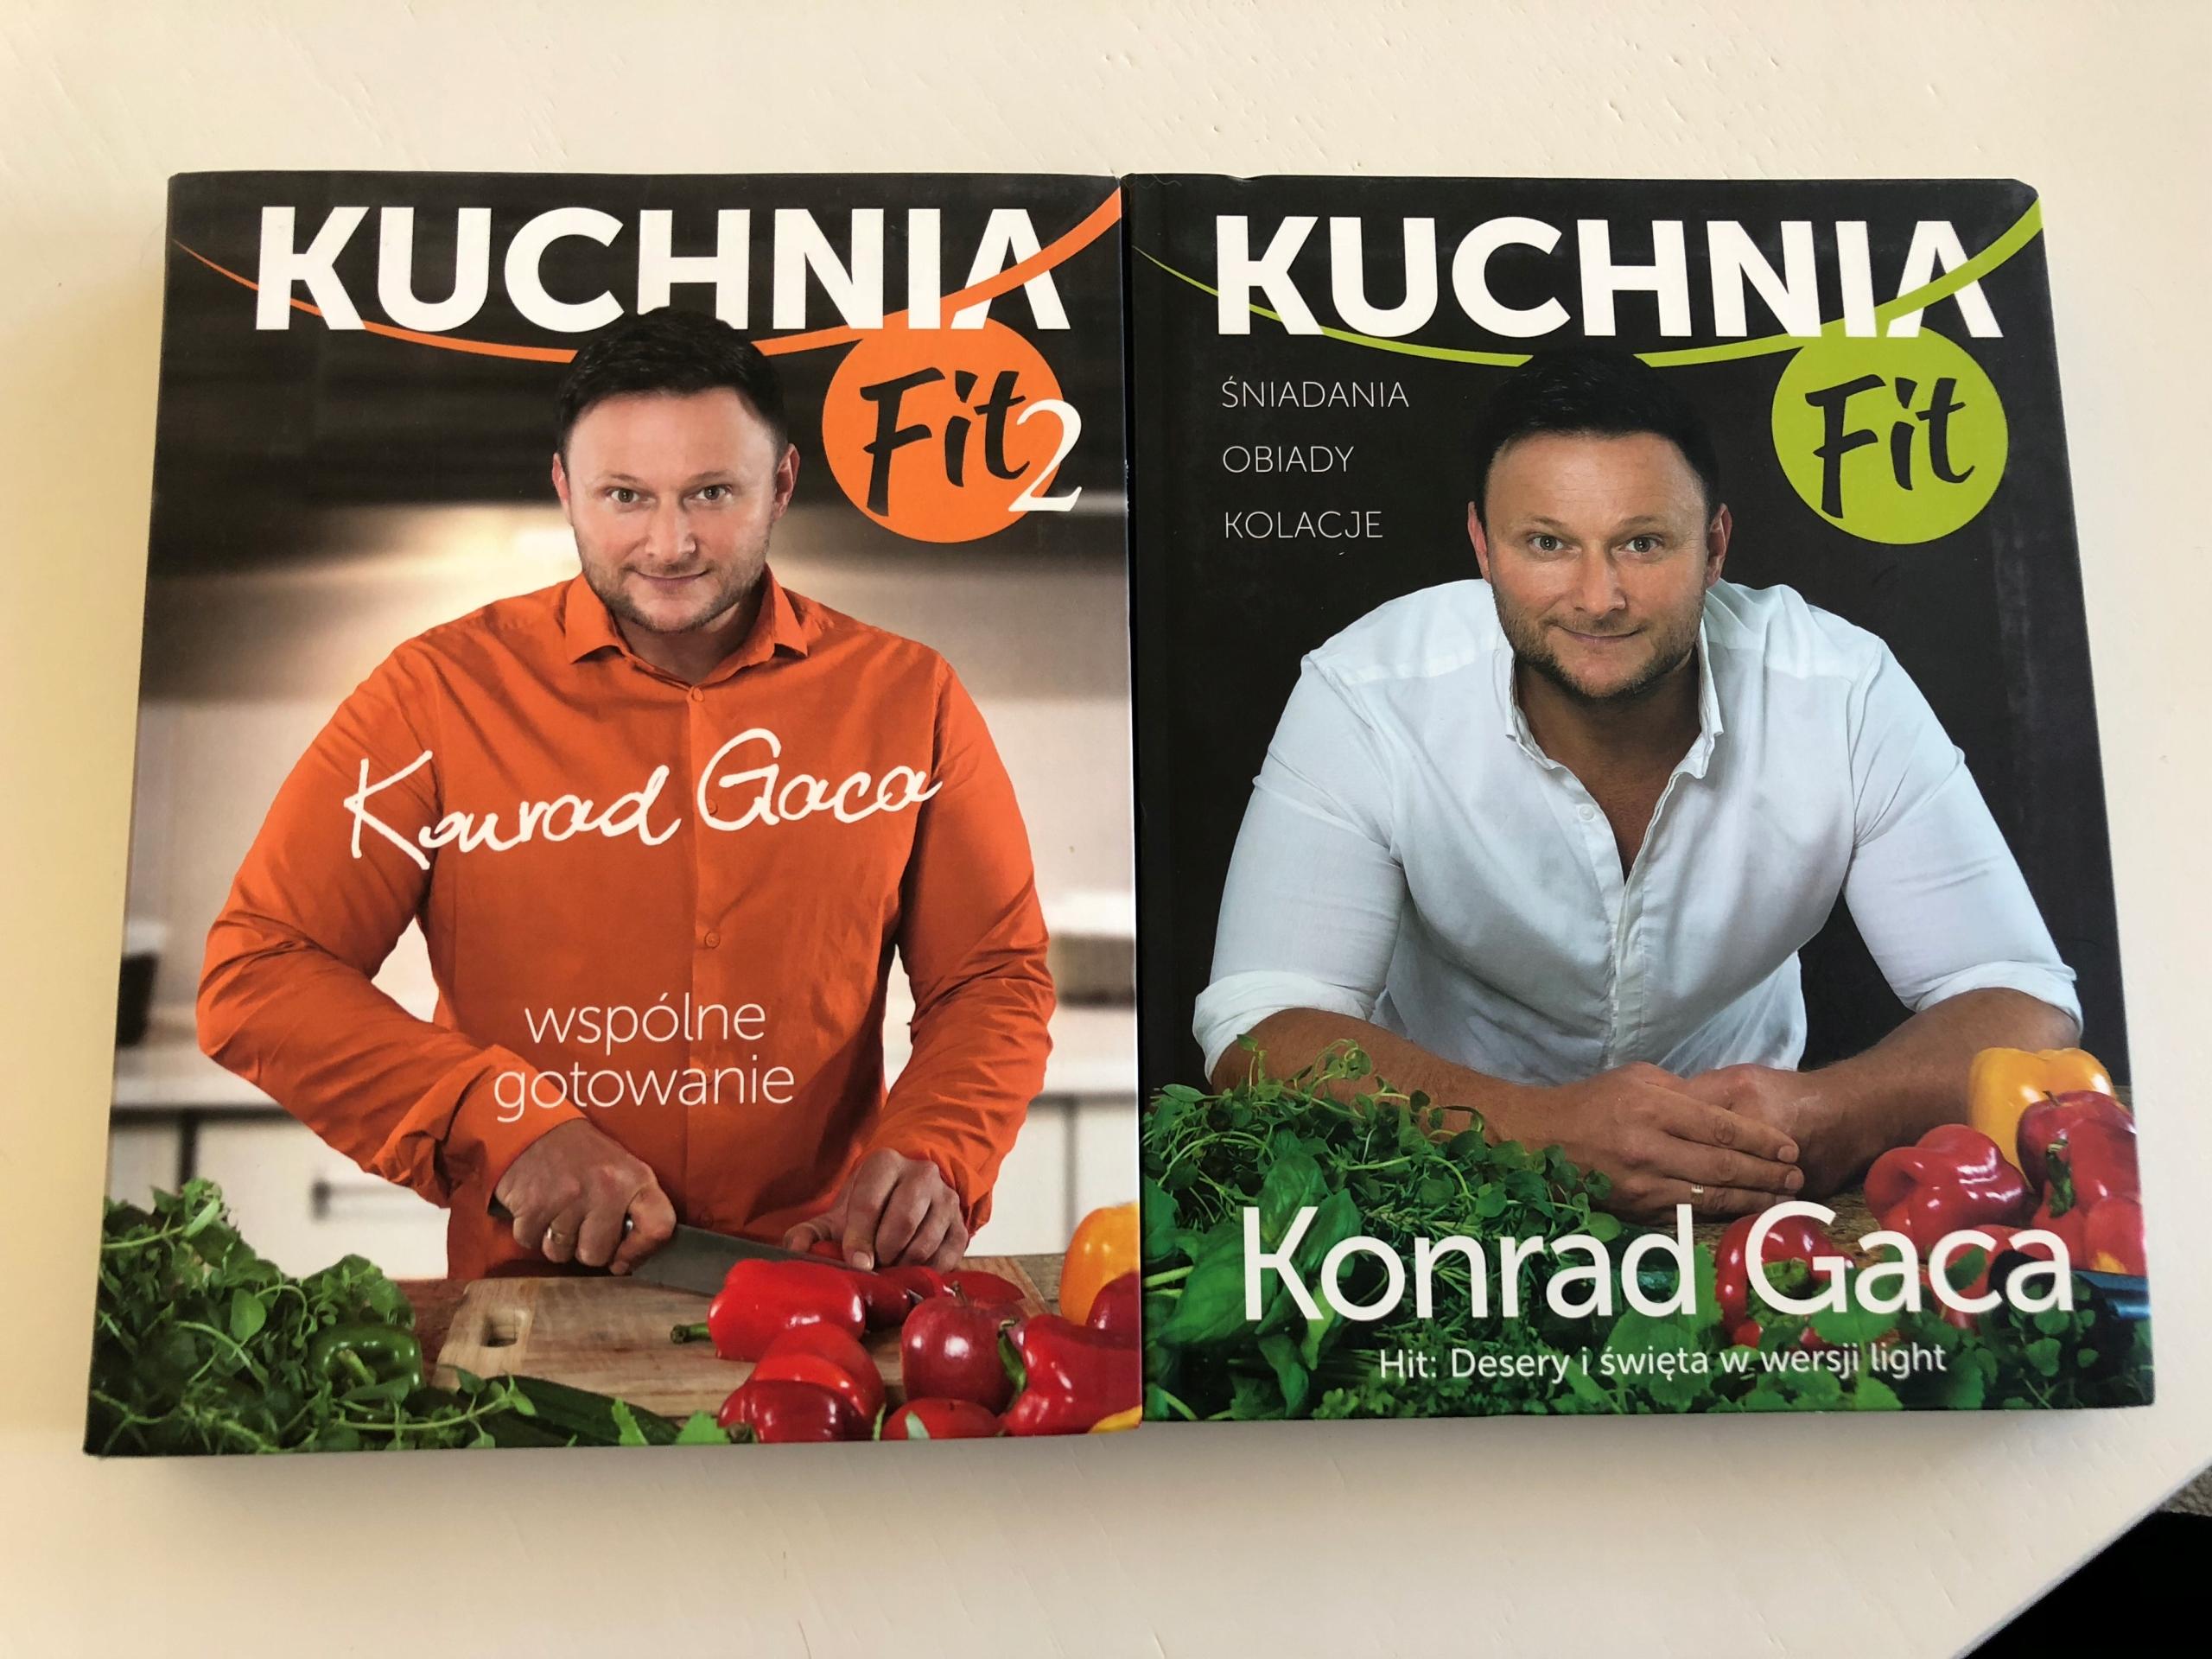 Konrad Gaca Kuchnia Fit Kuchnia Fit 2 7644540447 Oficjalne